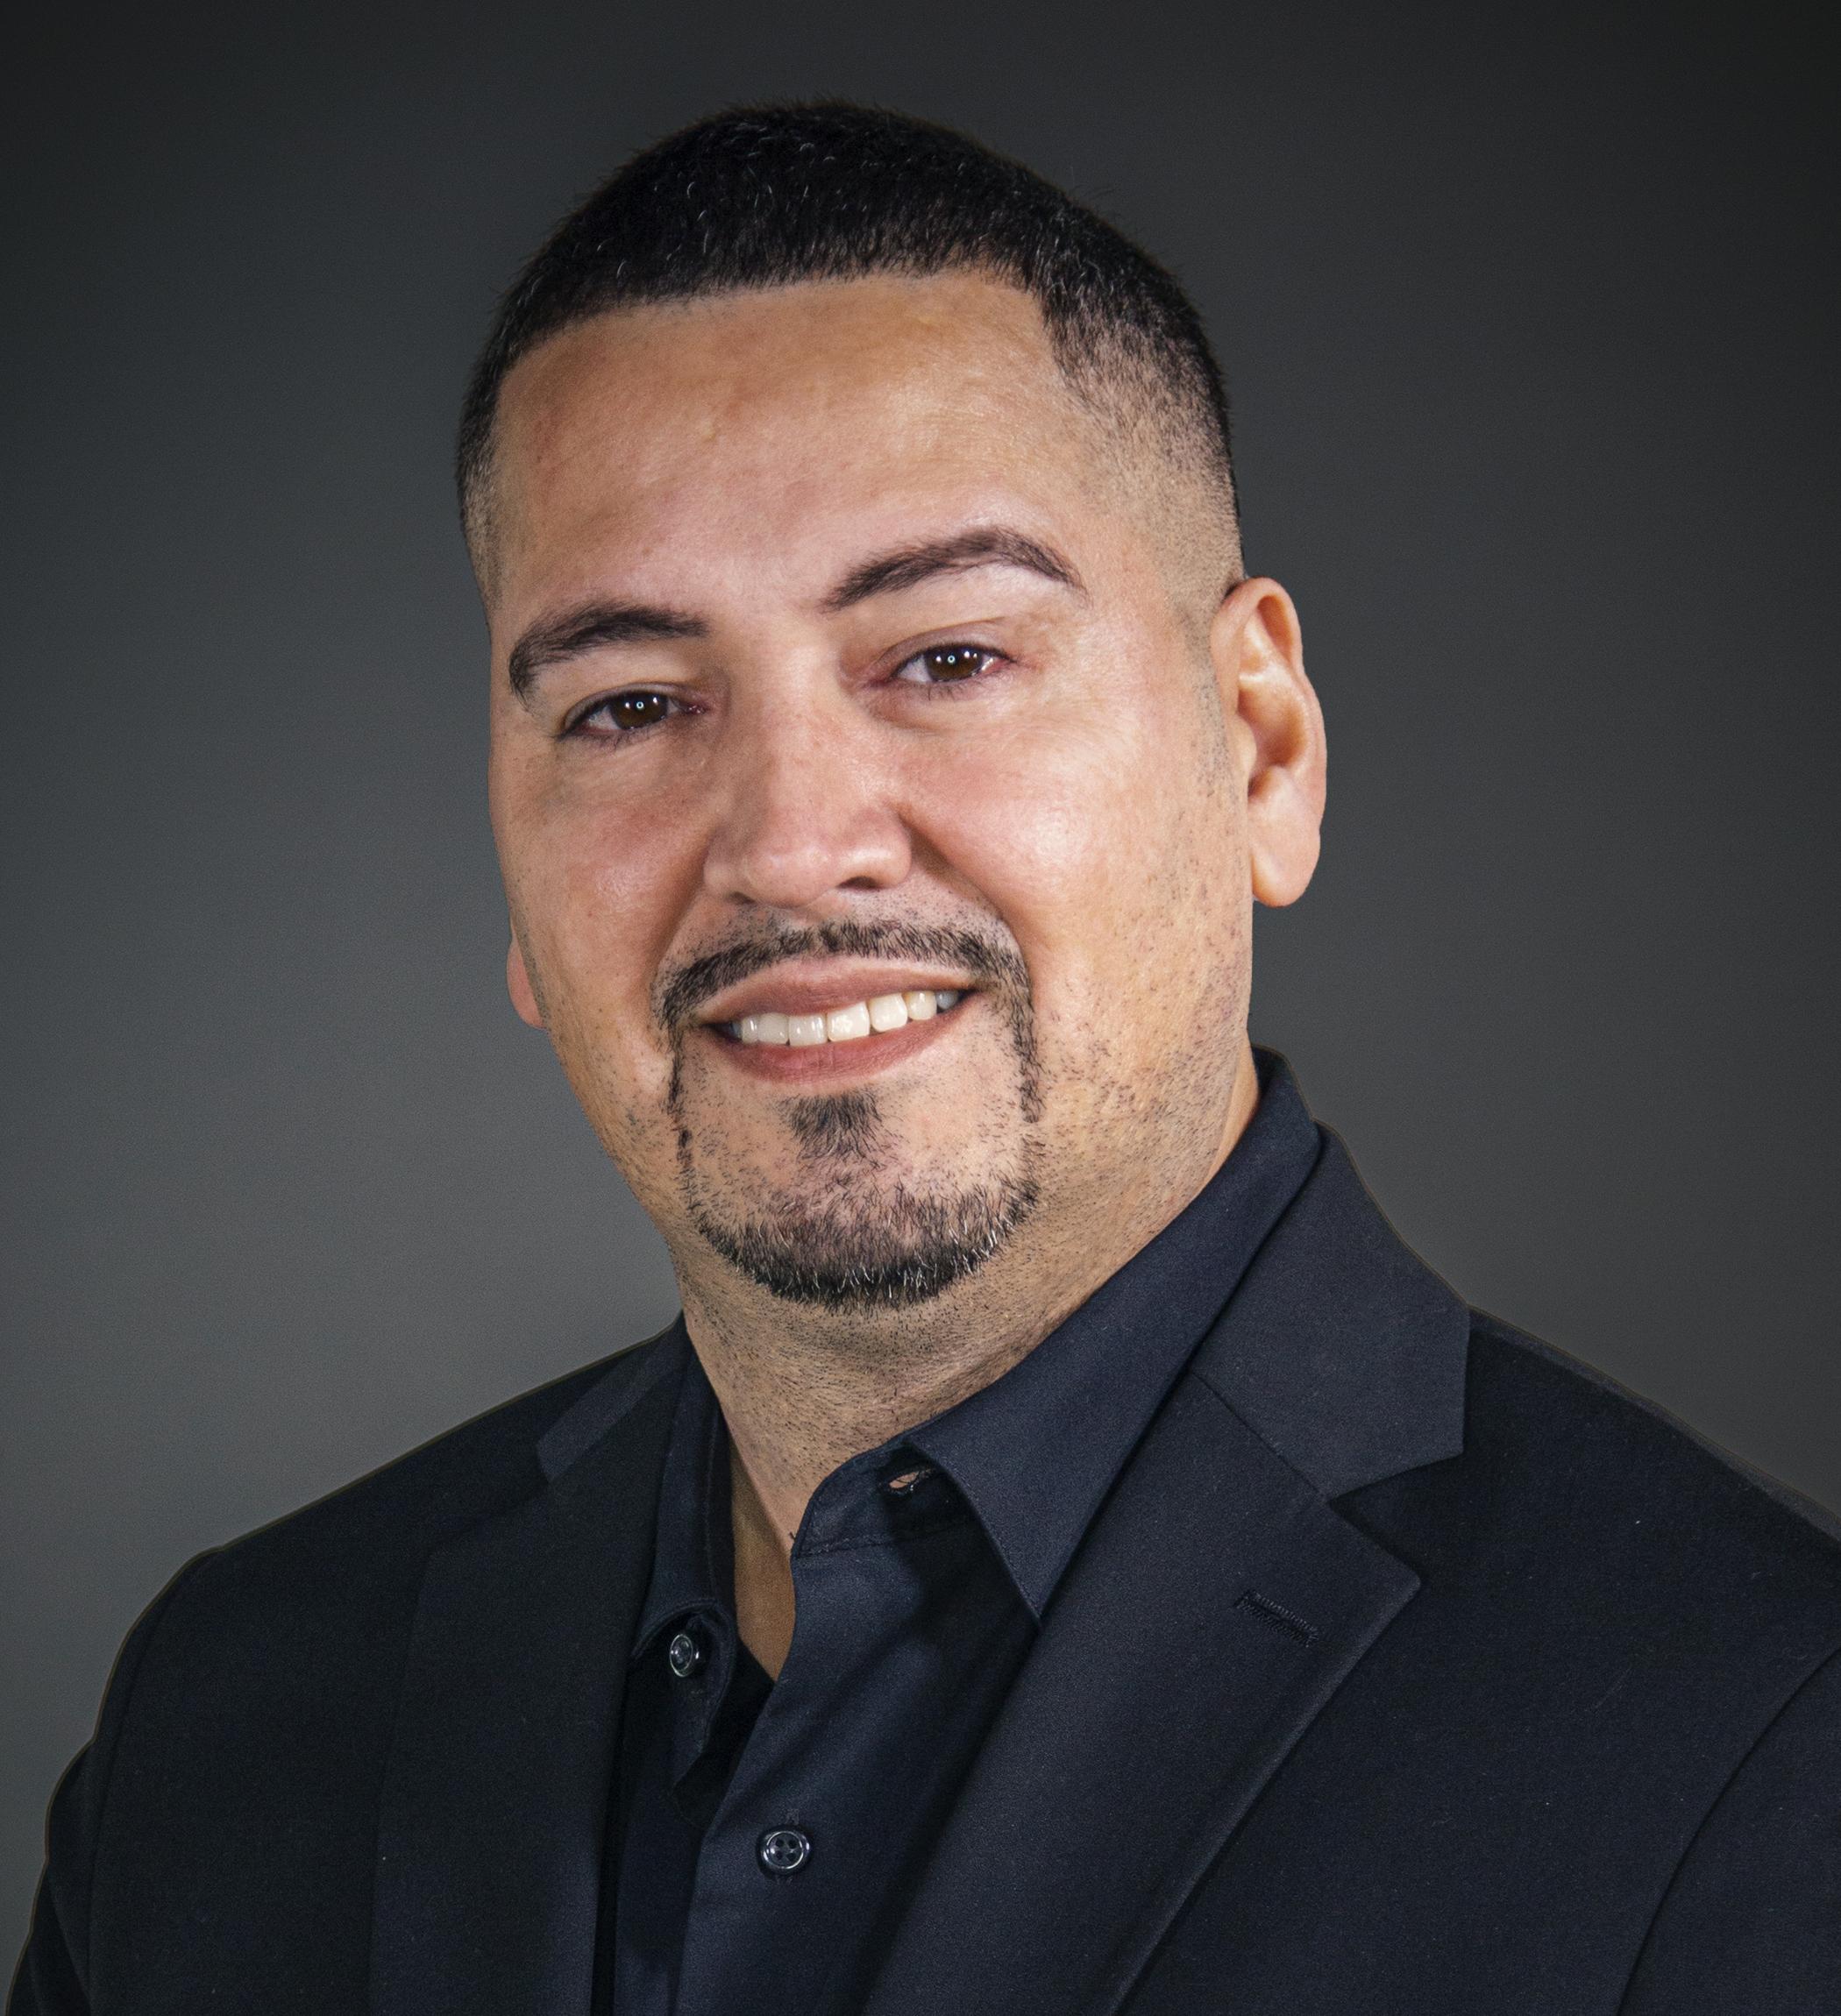 Roberto Yambo Headshot   Dakota Investments